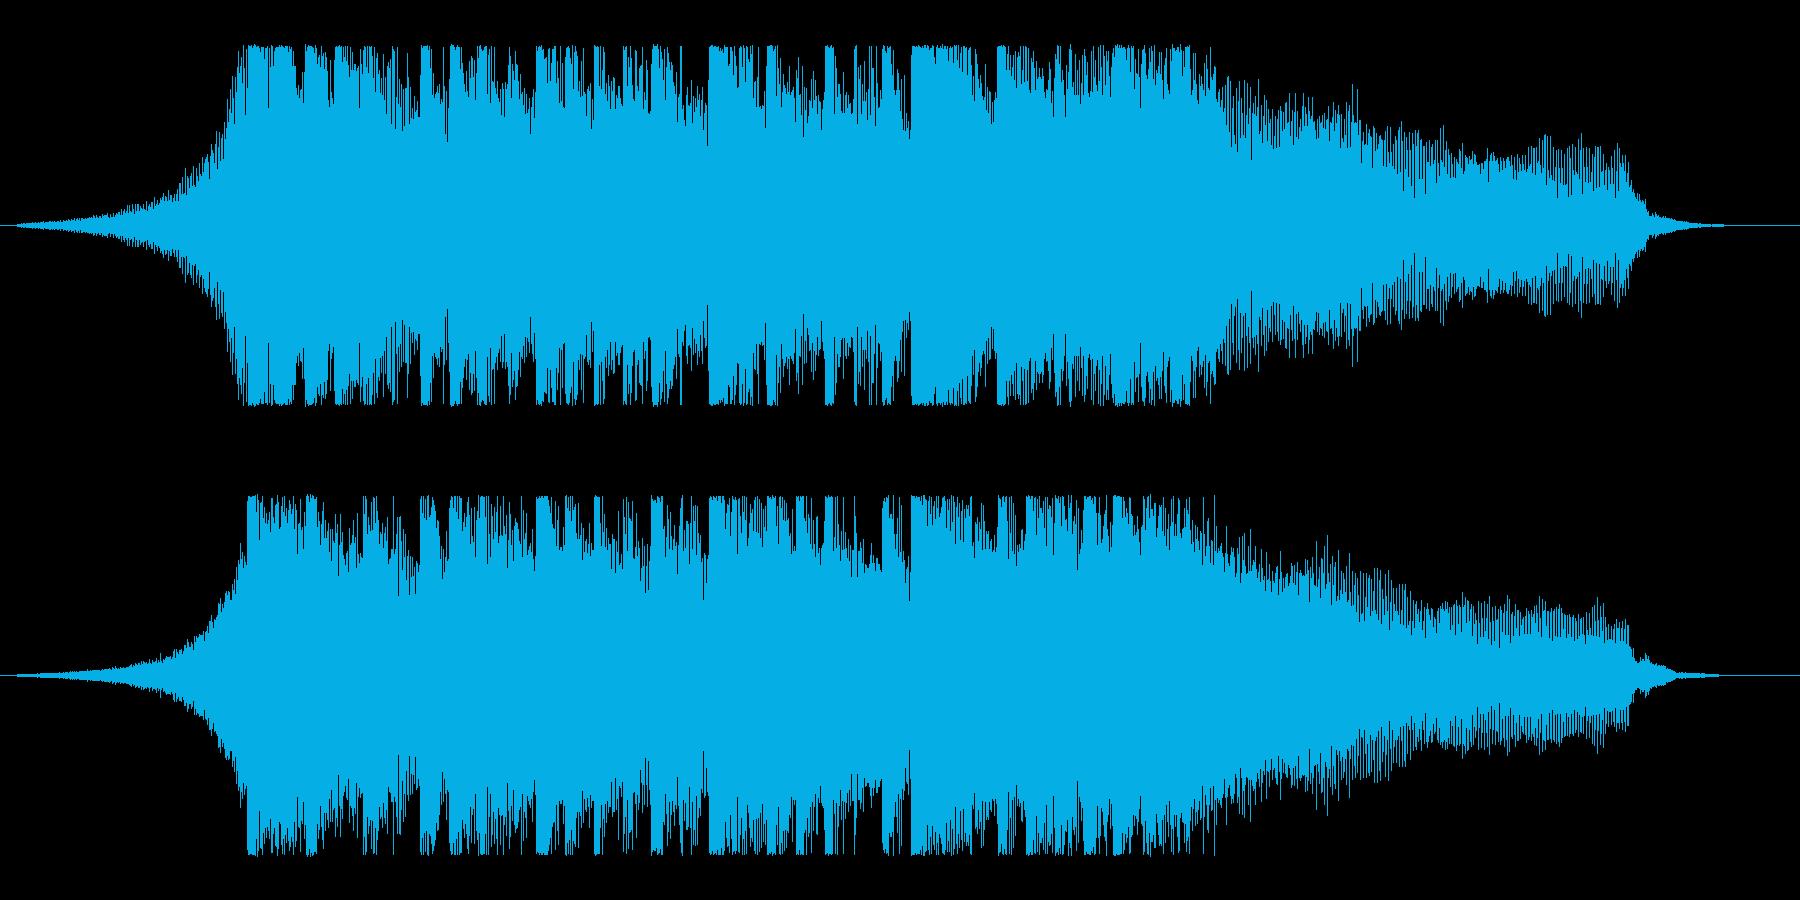 世界中で耳にするスタンダードコーポレートの再生済みの波形